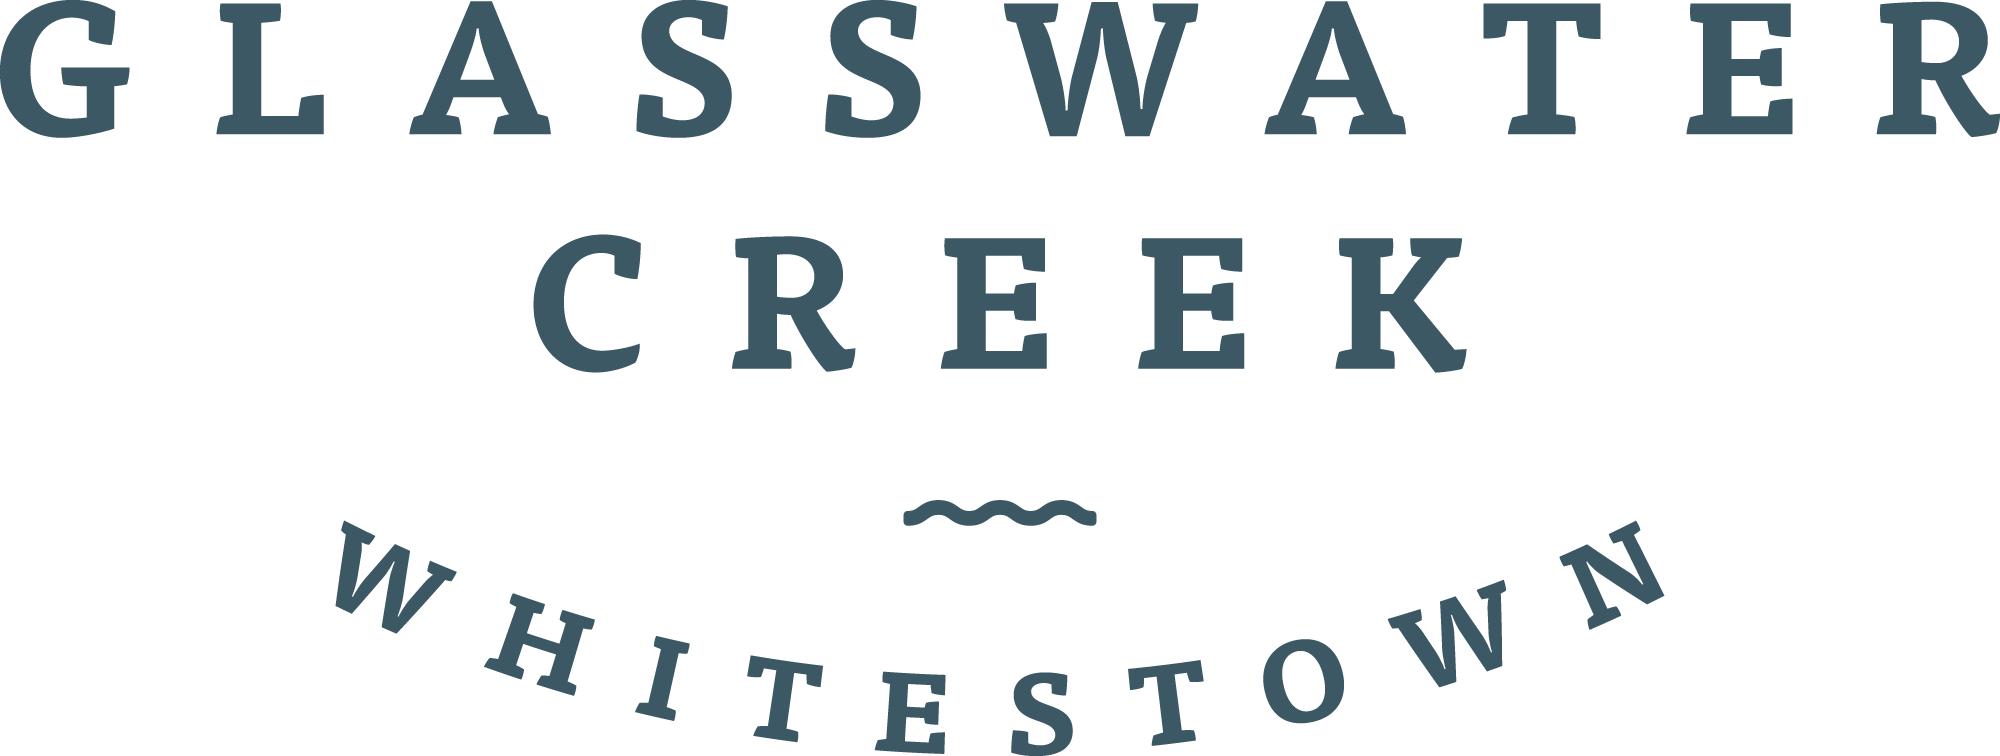 Glasswater Creek of Whitestown